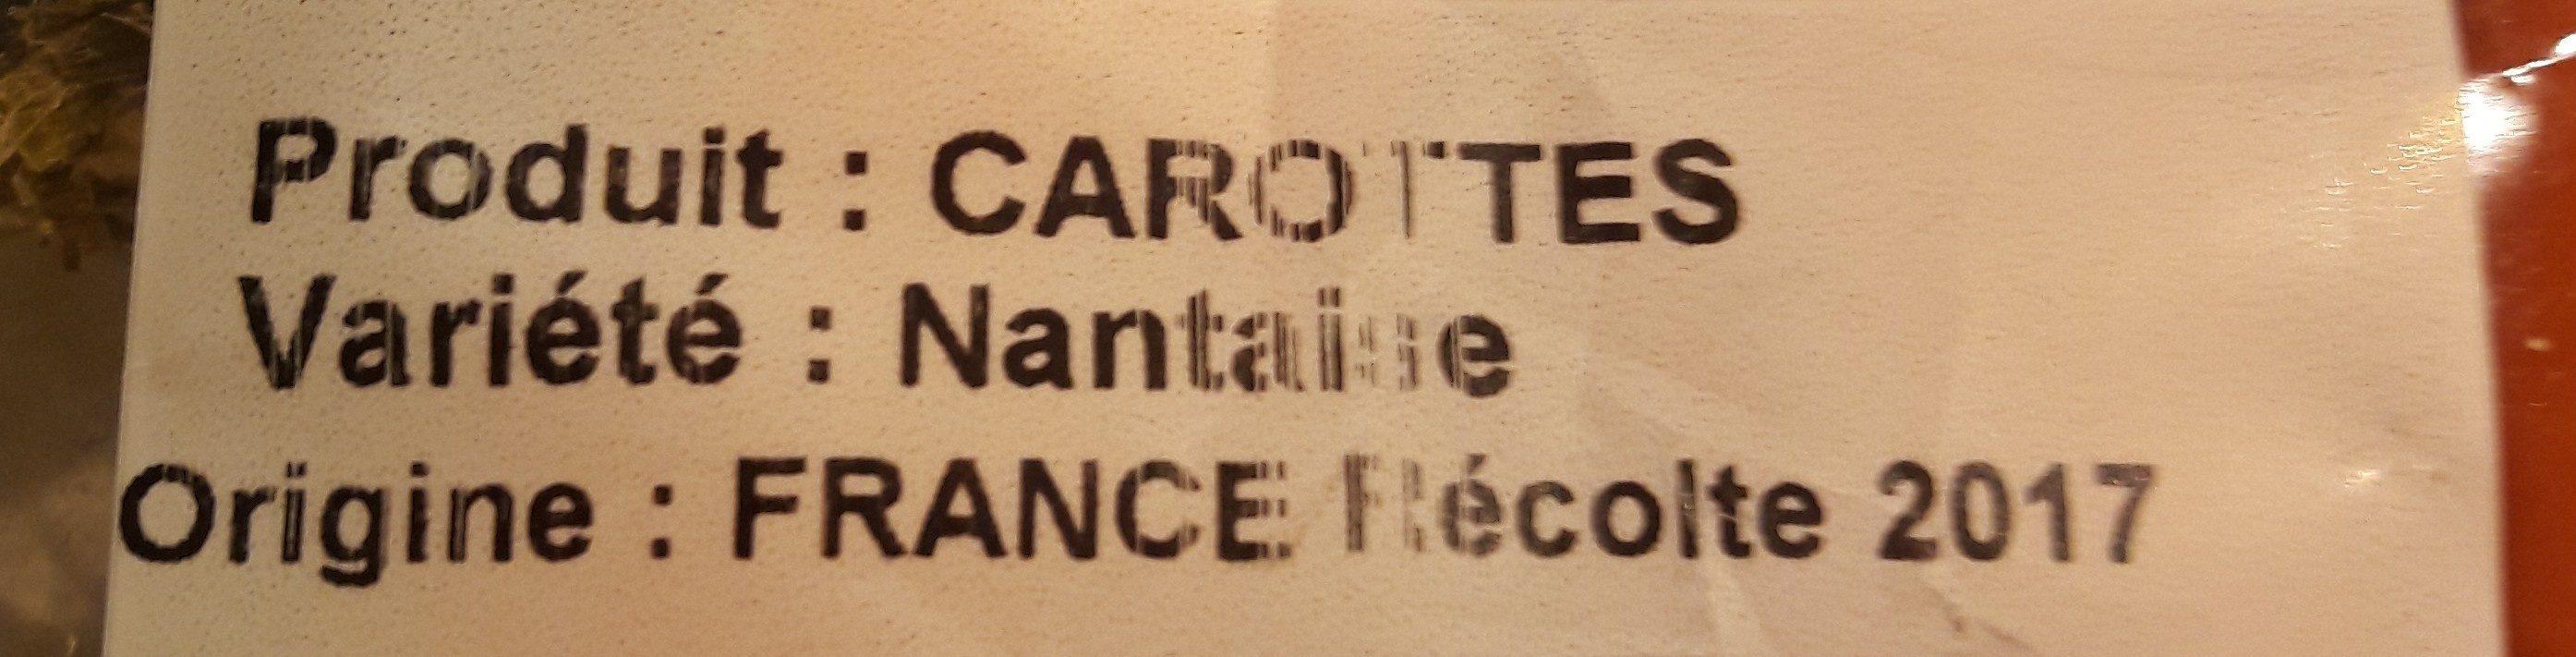 Carottes des sables de Camargue - Ingrédients - fr